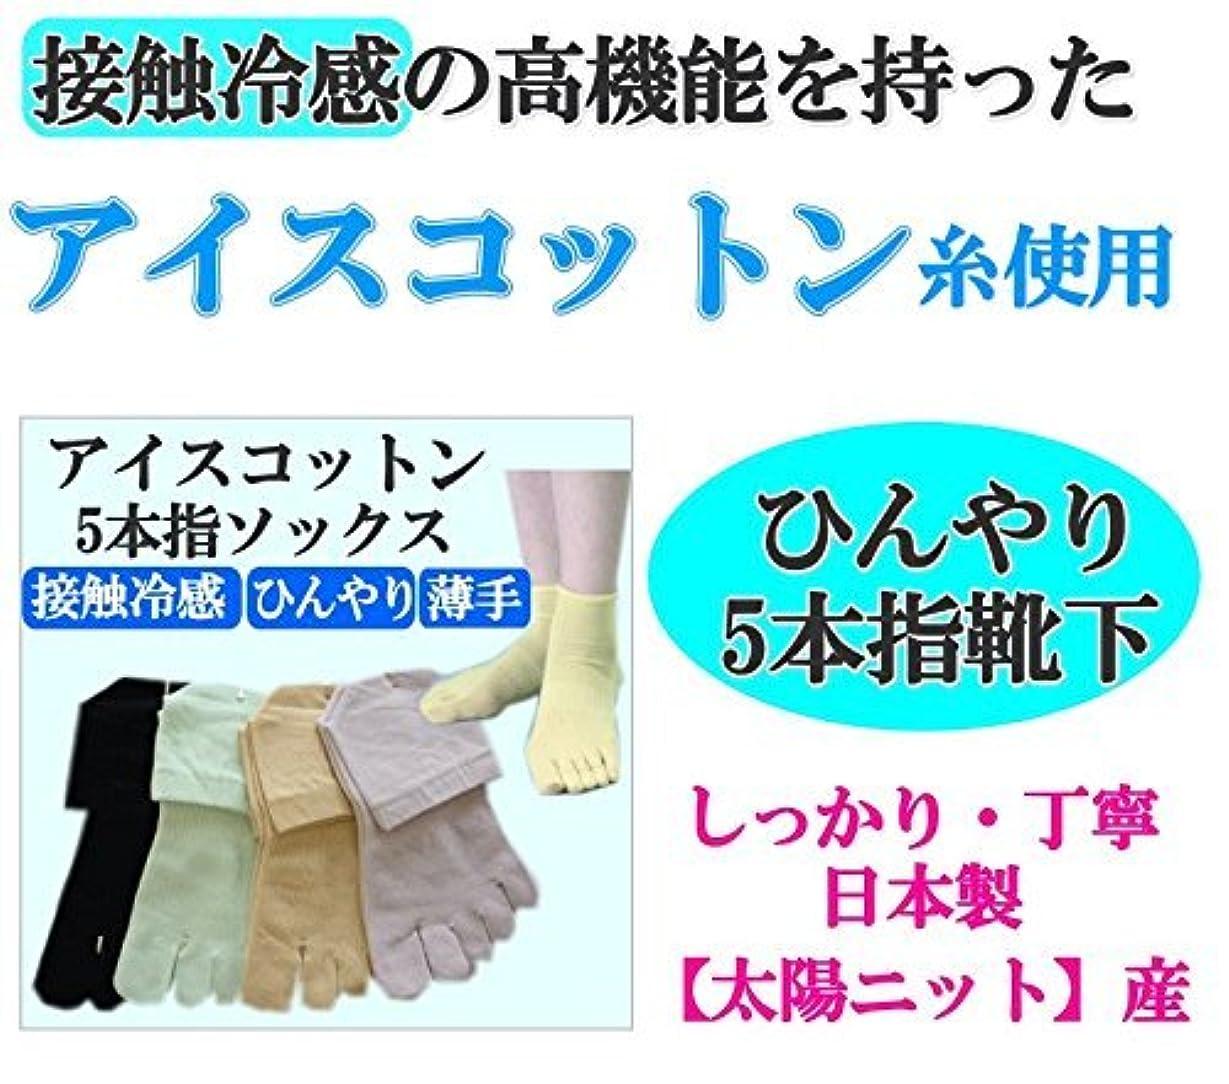 密度腹ところで女性用 綿100糸使用 薄手 接触冷感 5本指 ソックス ひんやり 22-24cm 太陽ニット (ベージュ)